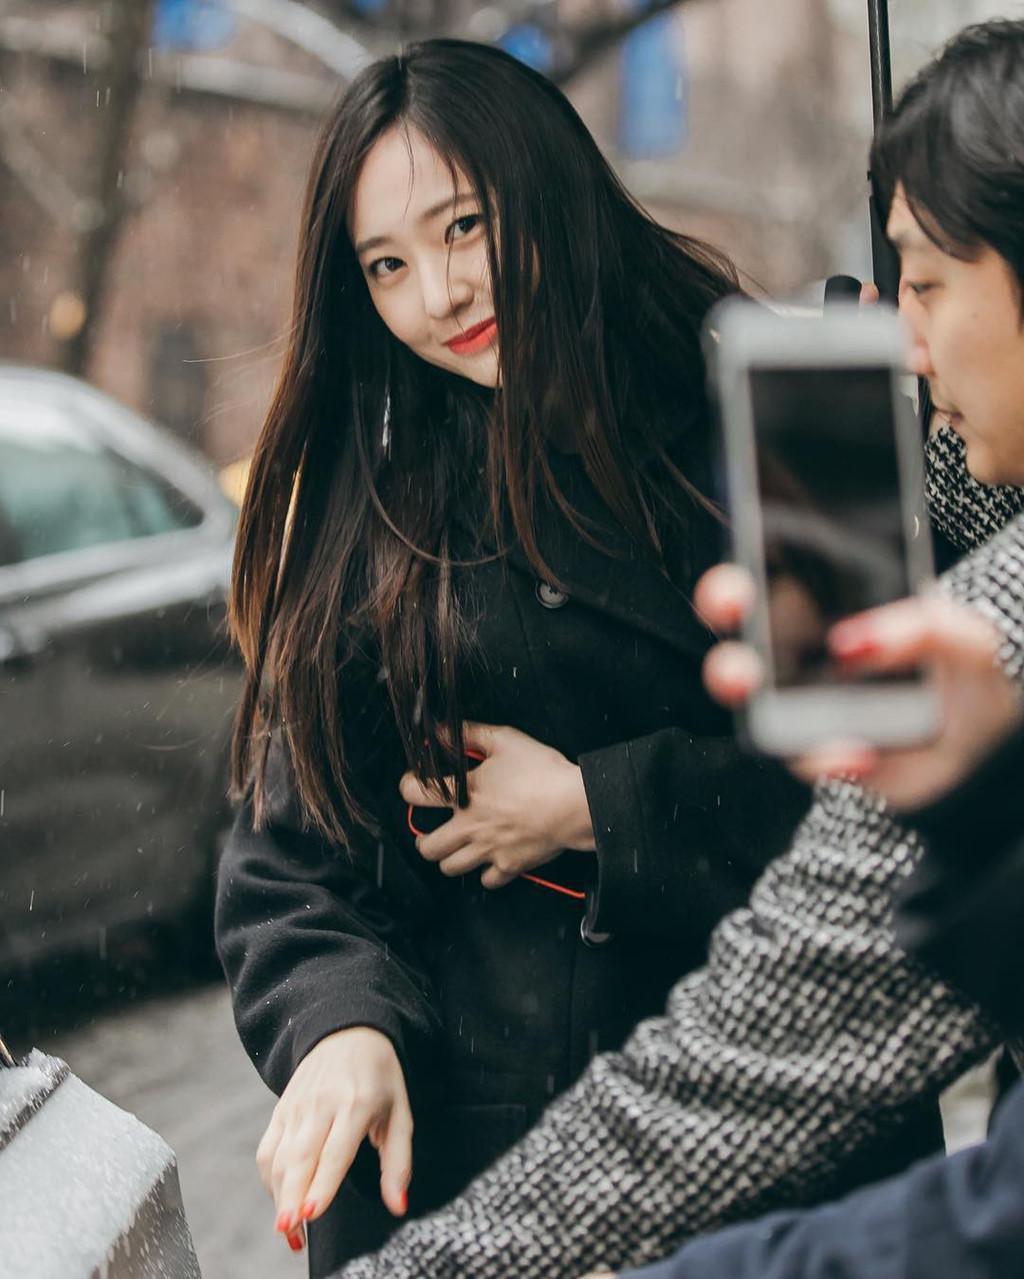 'Thần tiên tỷ tỷ' Văn Vịnh San xinh đẹp không kém Krystal - Ảnh 3